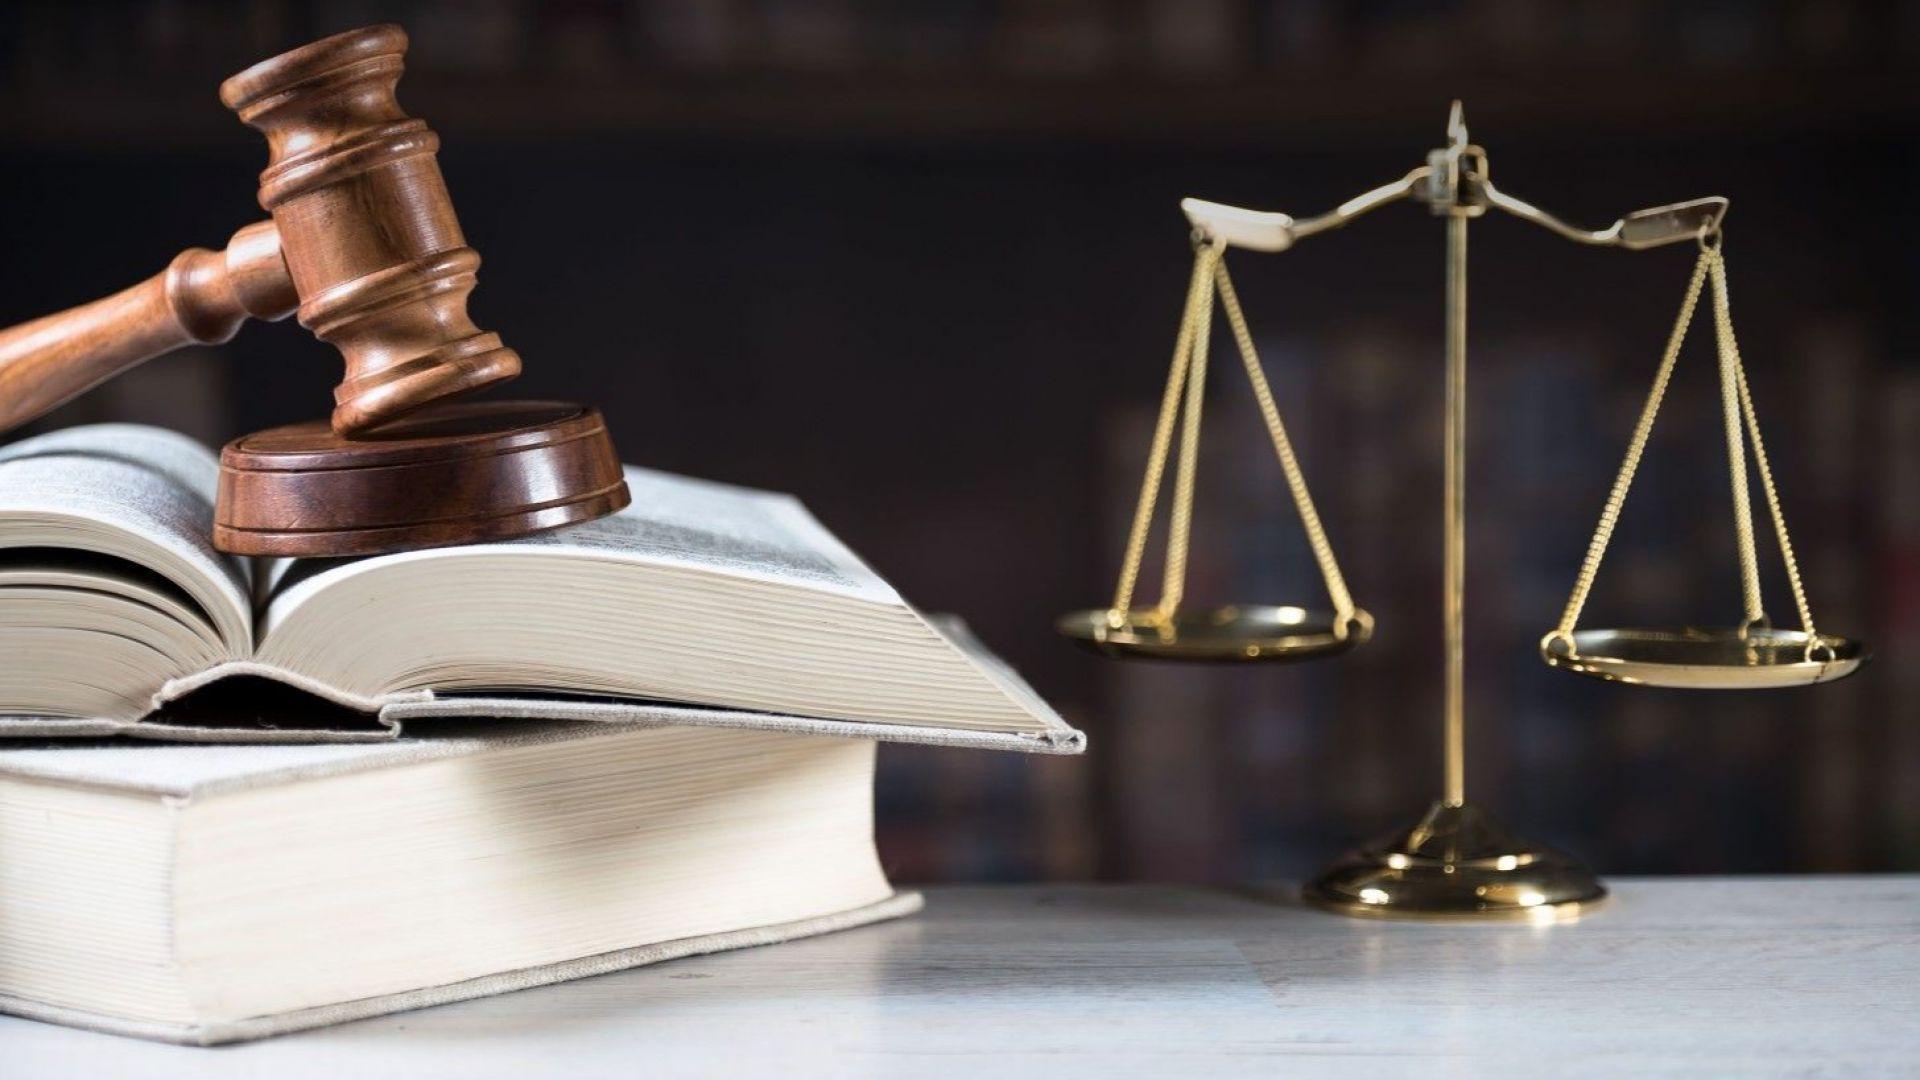 130 000 лв. обезщетение за прокурор заради незаконни обвинения